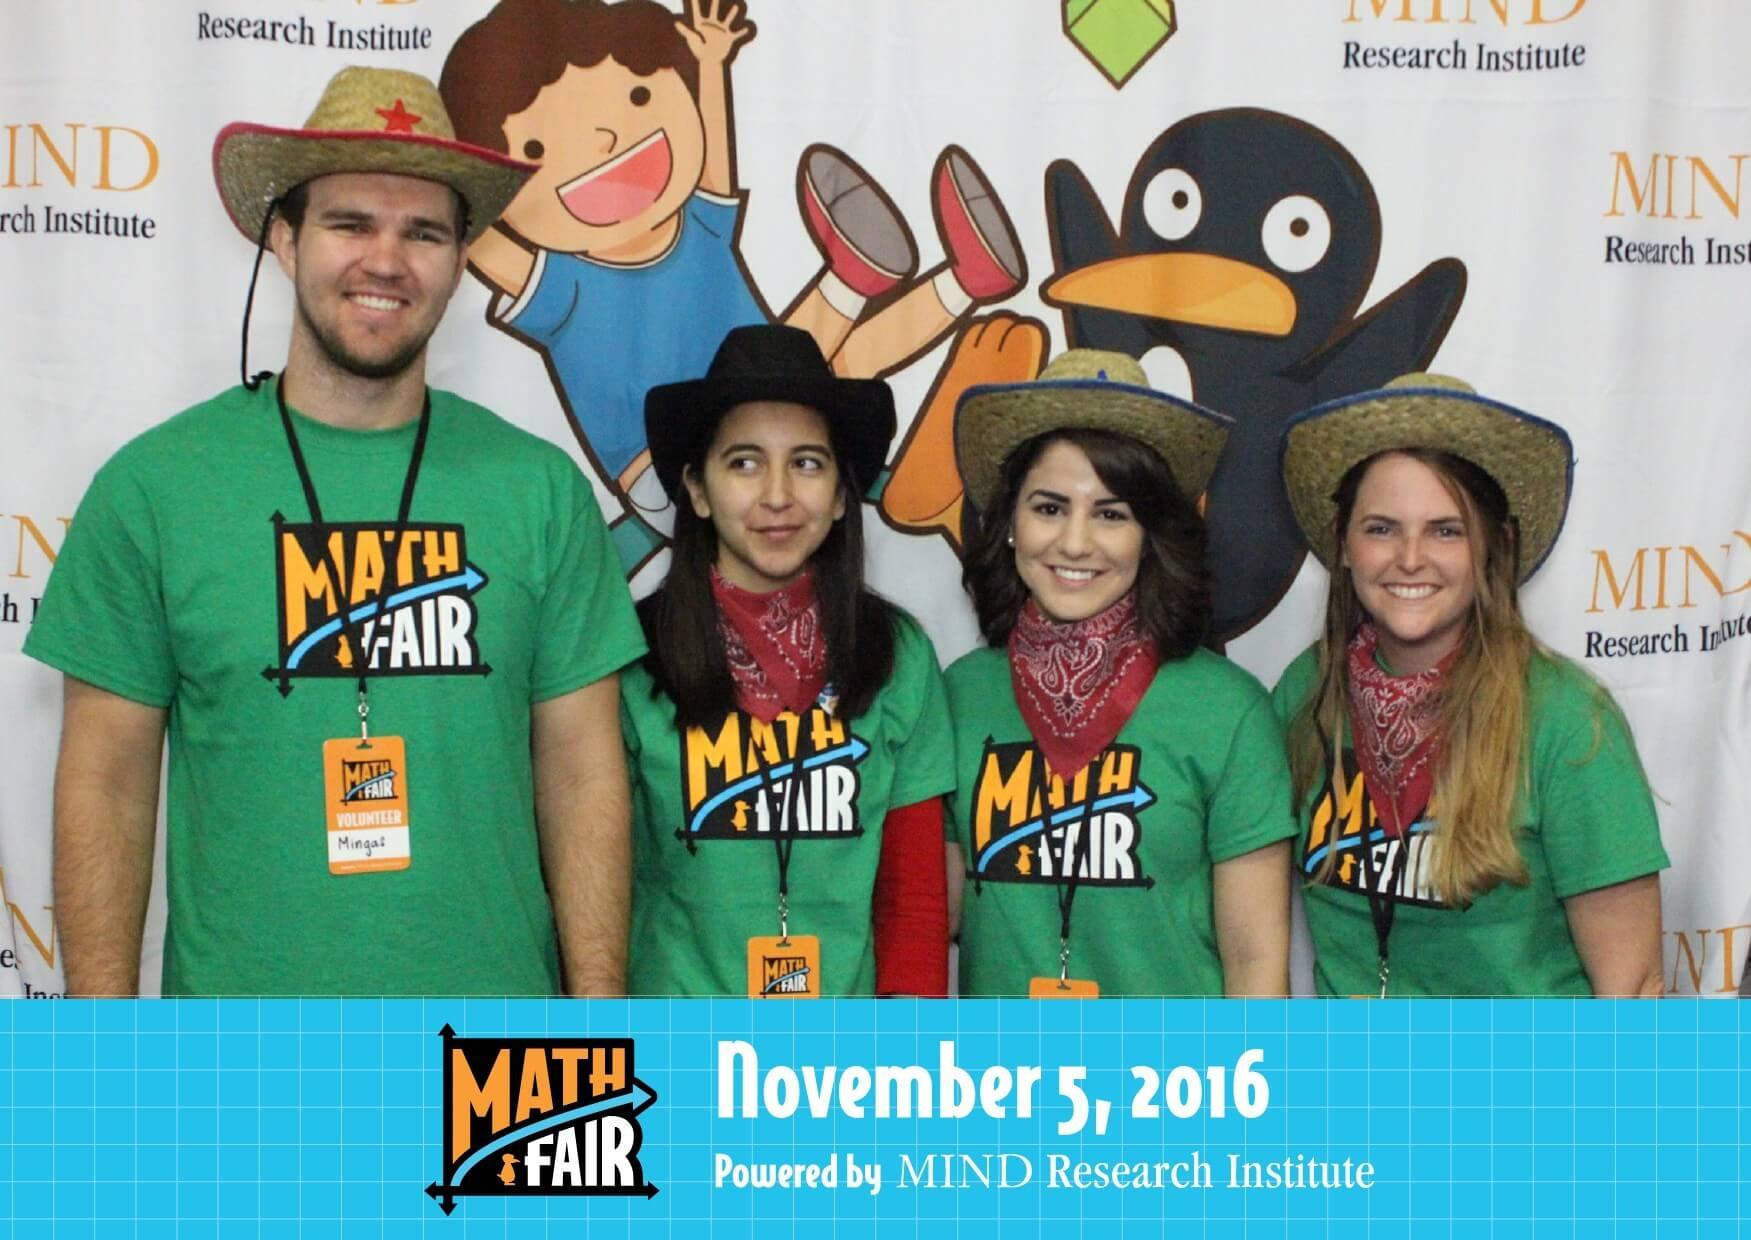 math fair social photo booth